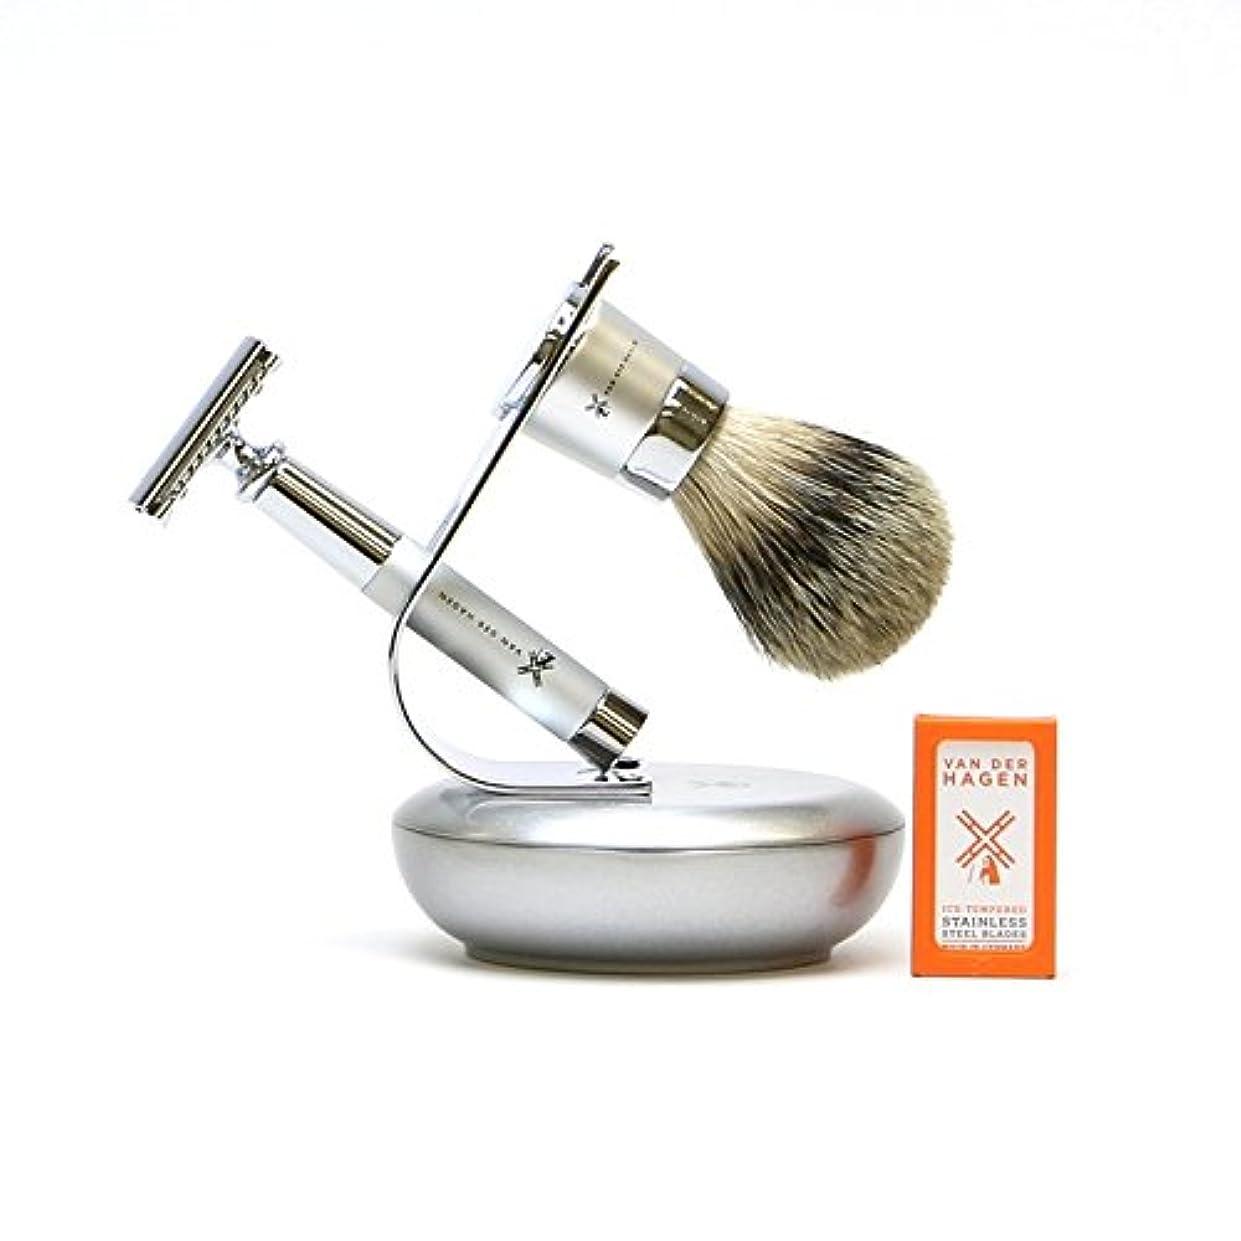 胚芽気体のなのでVANDERHAGEN(米) ウェットシェービングセット ジェットセット 両刃 髭剃り 替刃5枚付